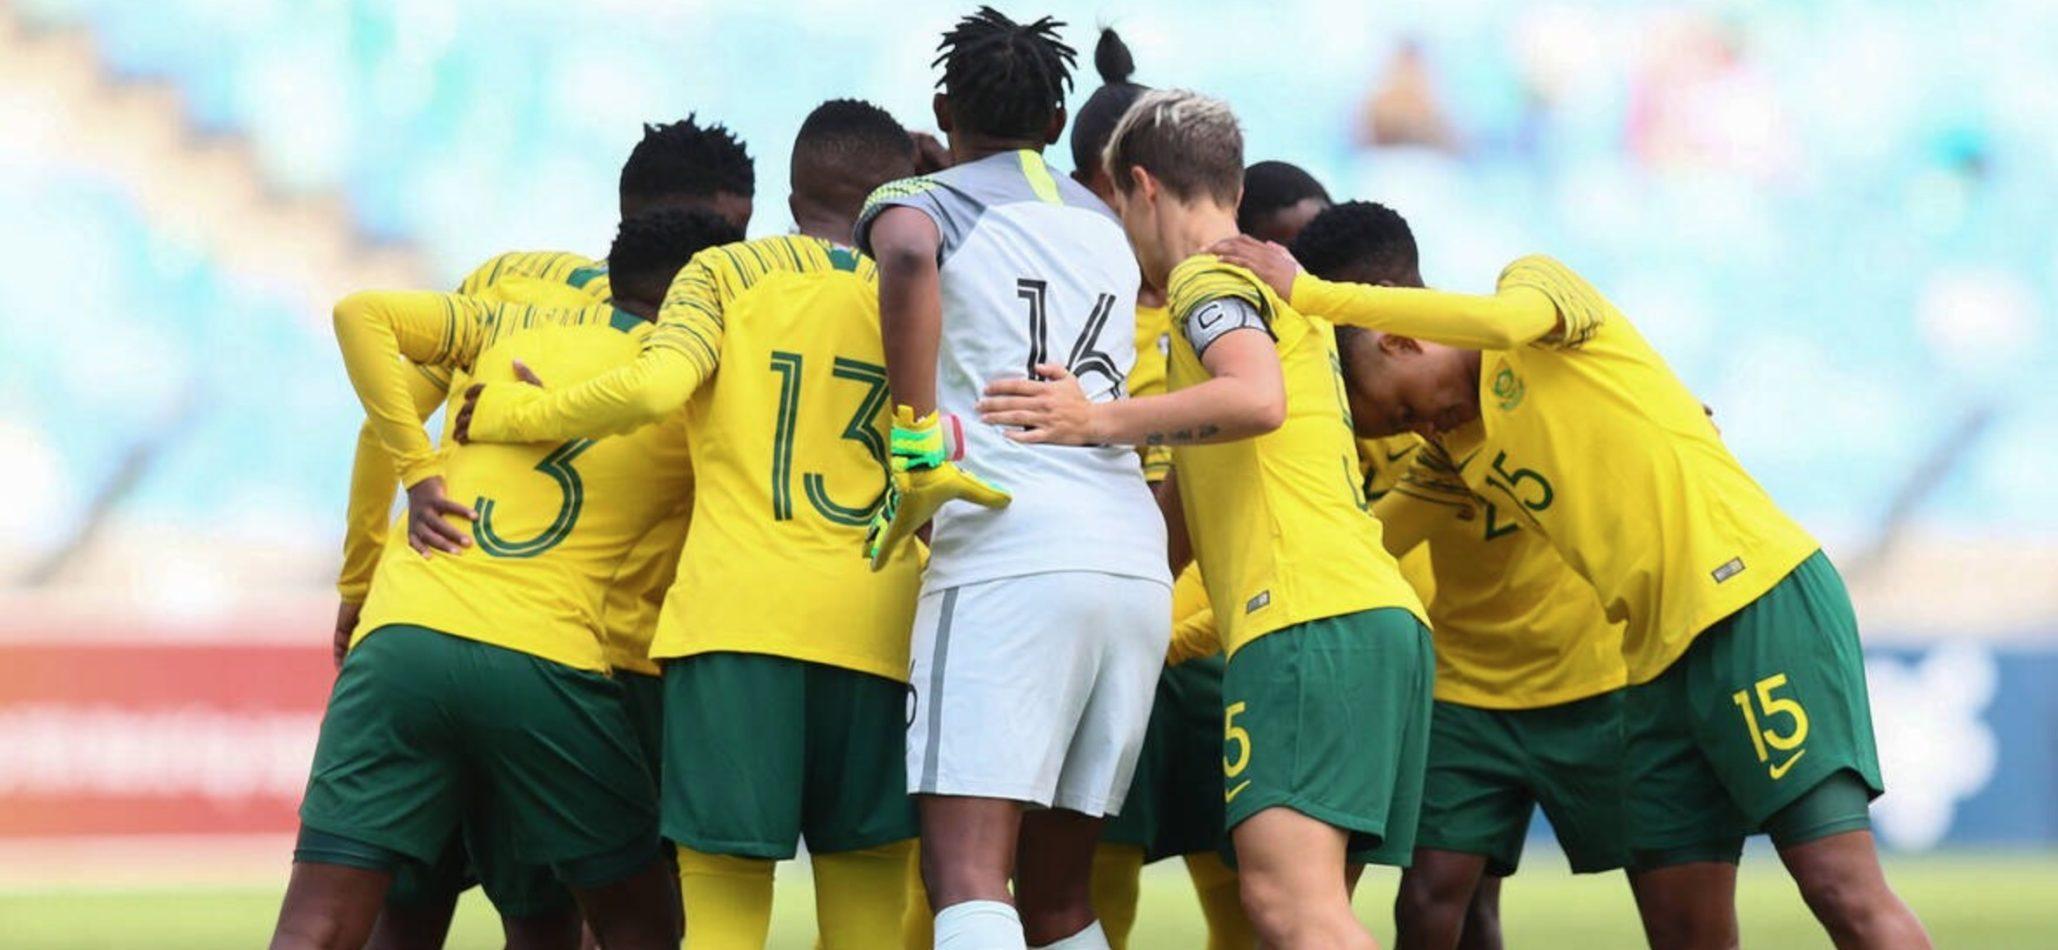 En Afrique du Sud, les joueuses de l'équipe nationale de football toucheront les mêmes primes que leurs homologues masculins